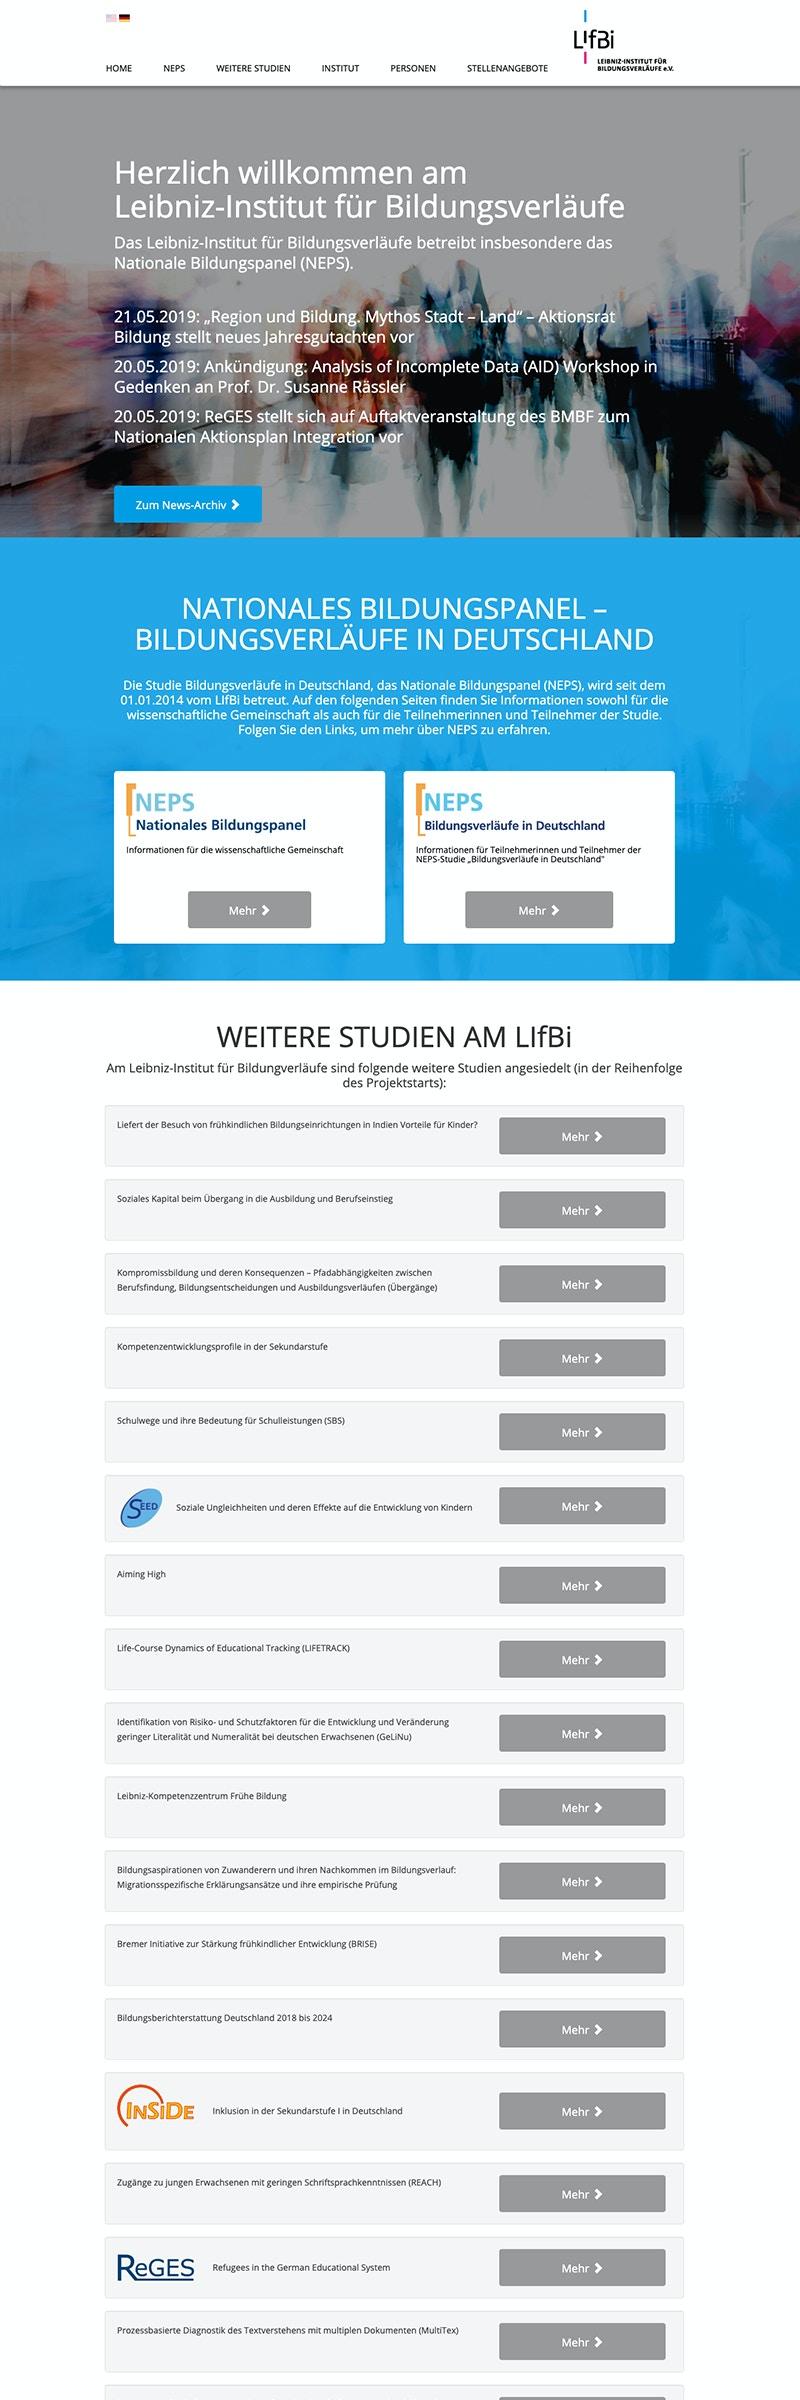 Design-Konzept der Webseite eines Forschungsinstitutes